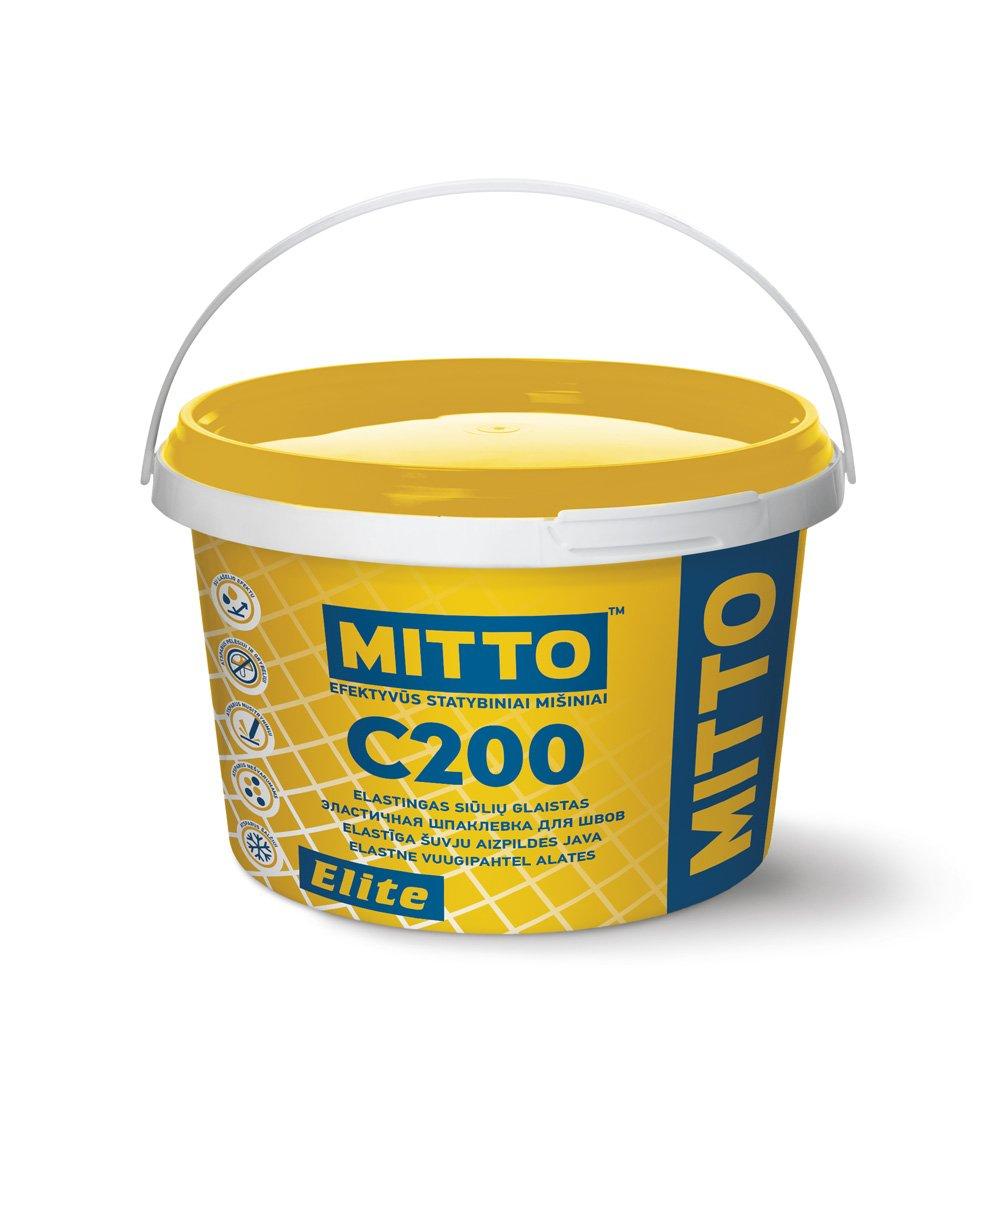 Plytelių tarpų glaistas MITTO C200 Elite ASE65, 2 kg pieniškas opalas